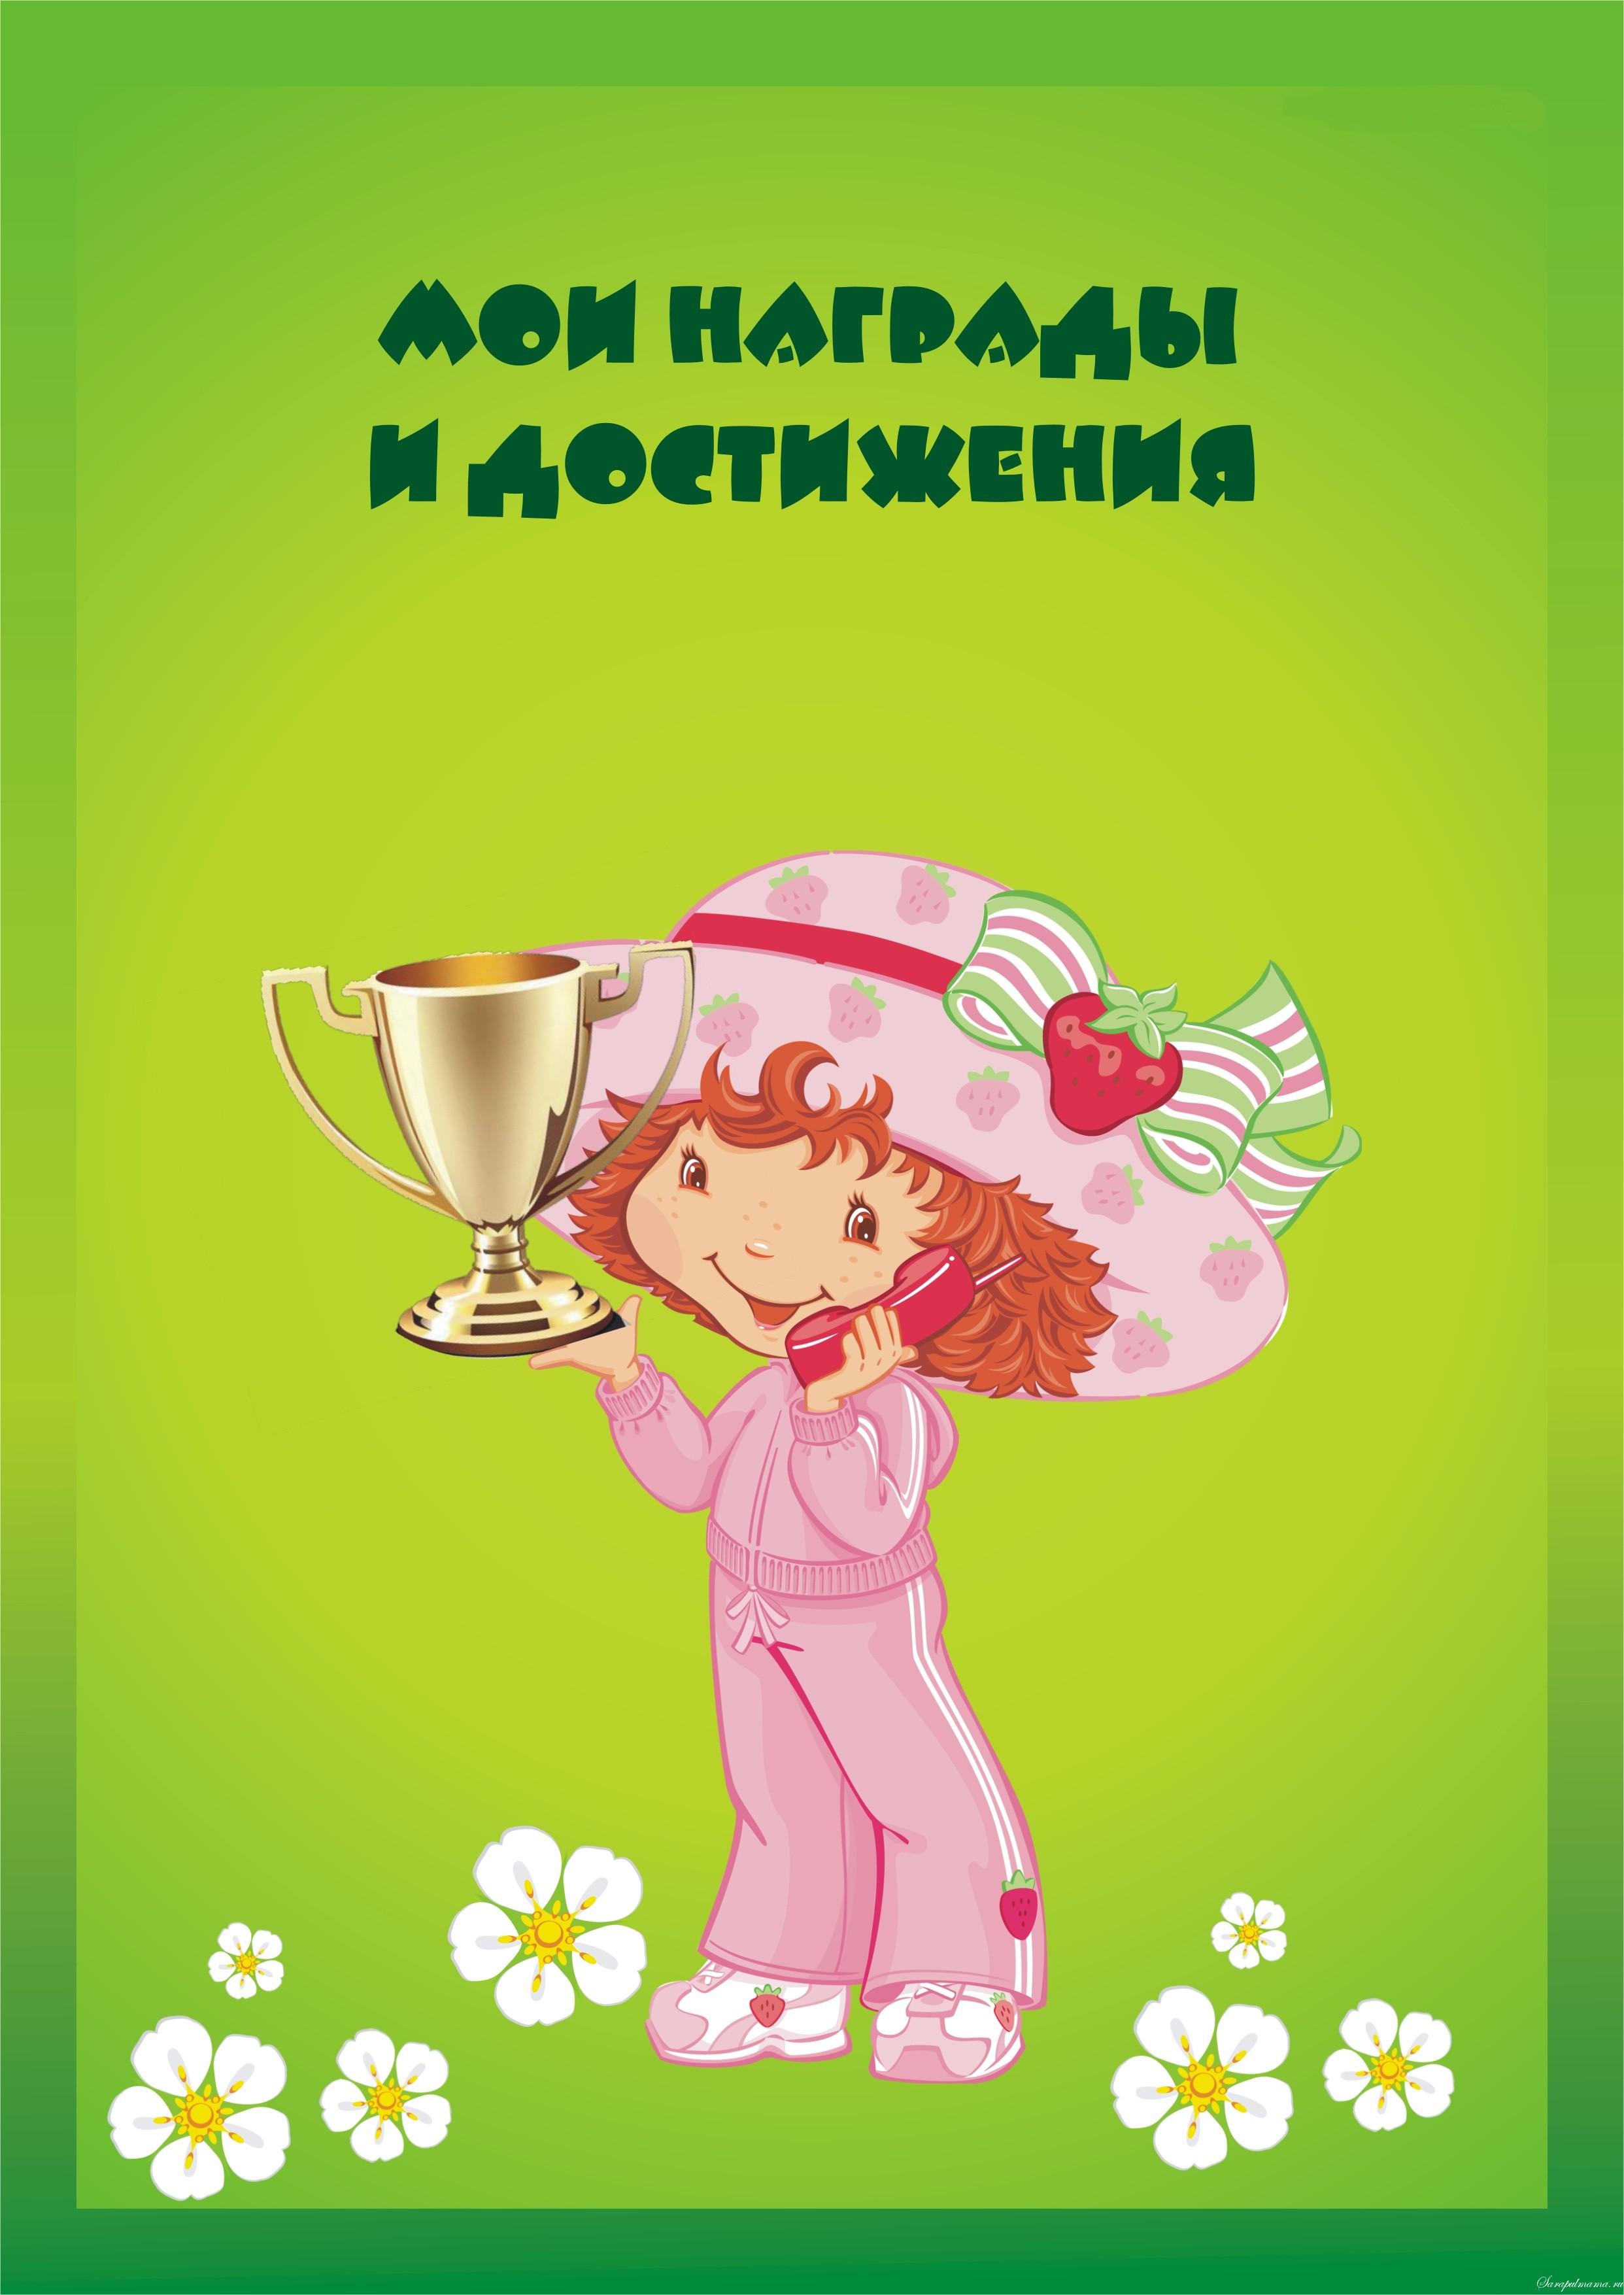 Детское портфолио для девочки в детский сад своими руками 166